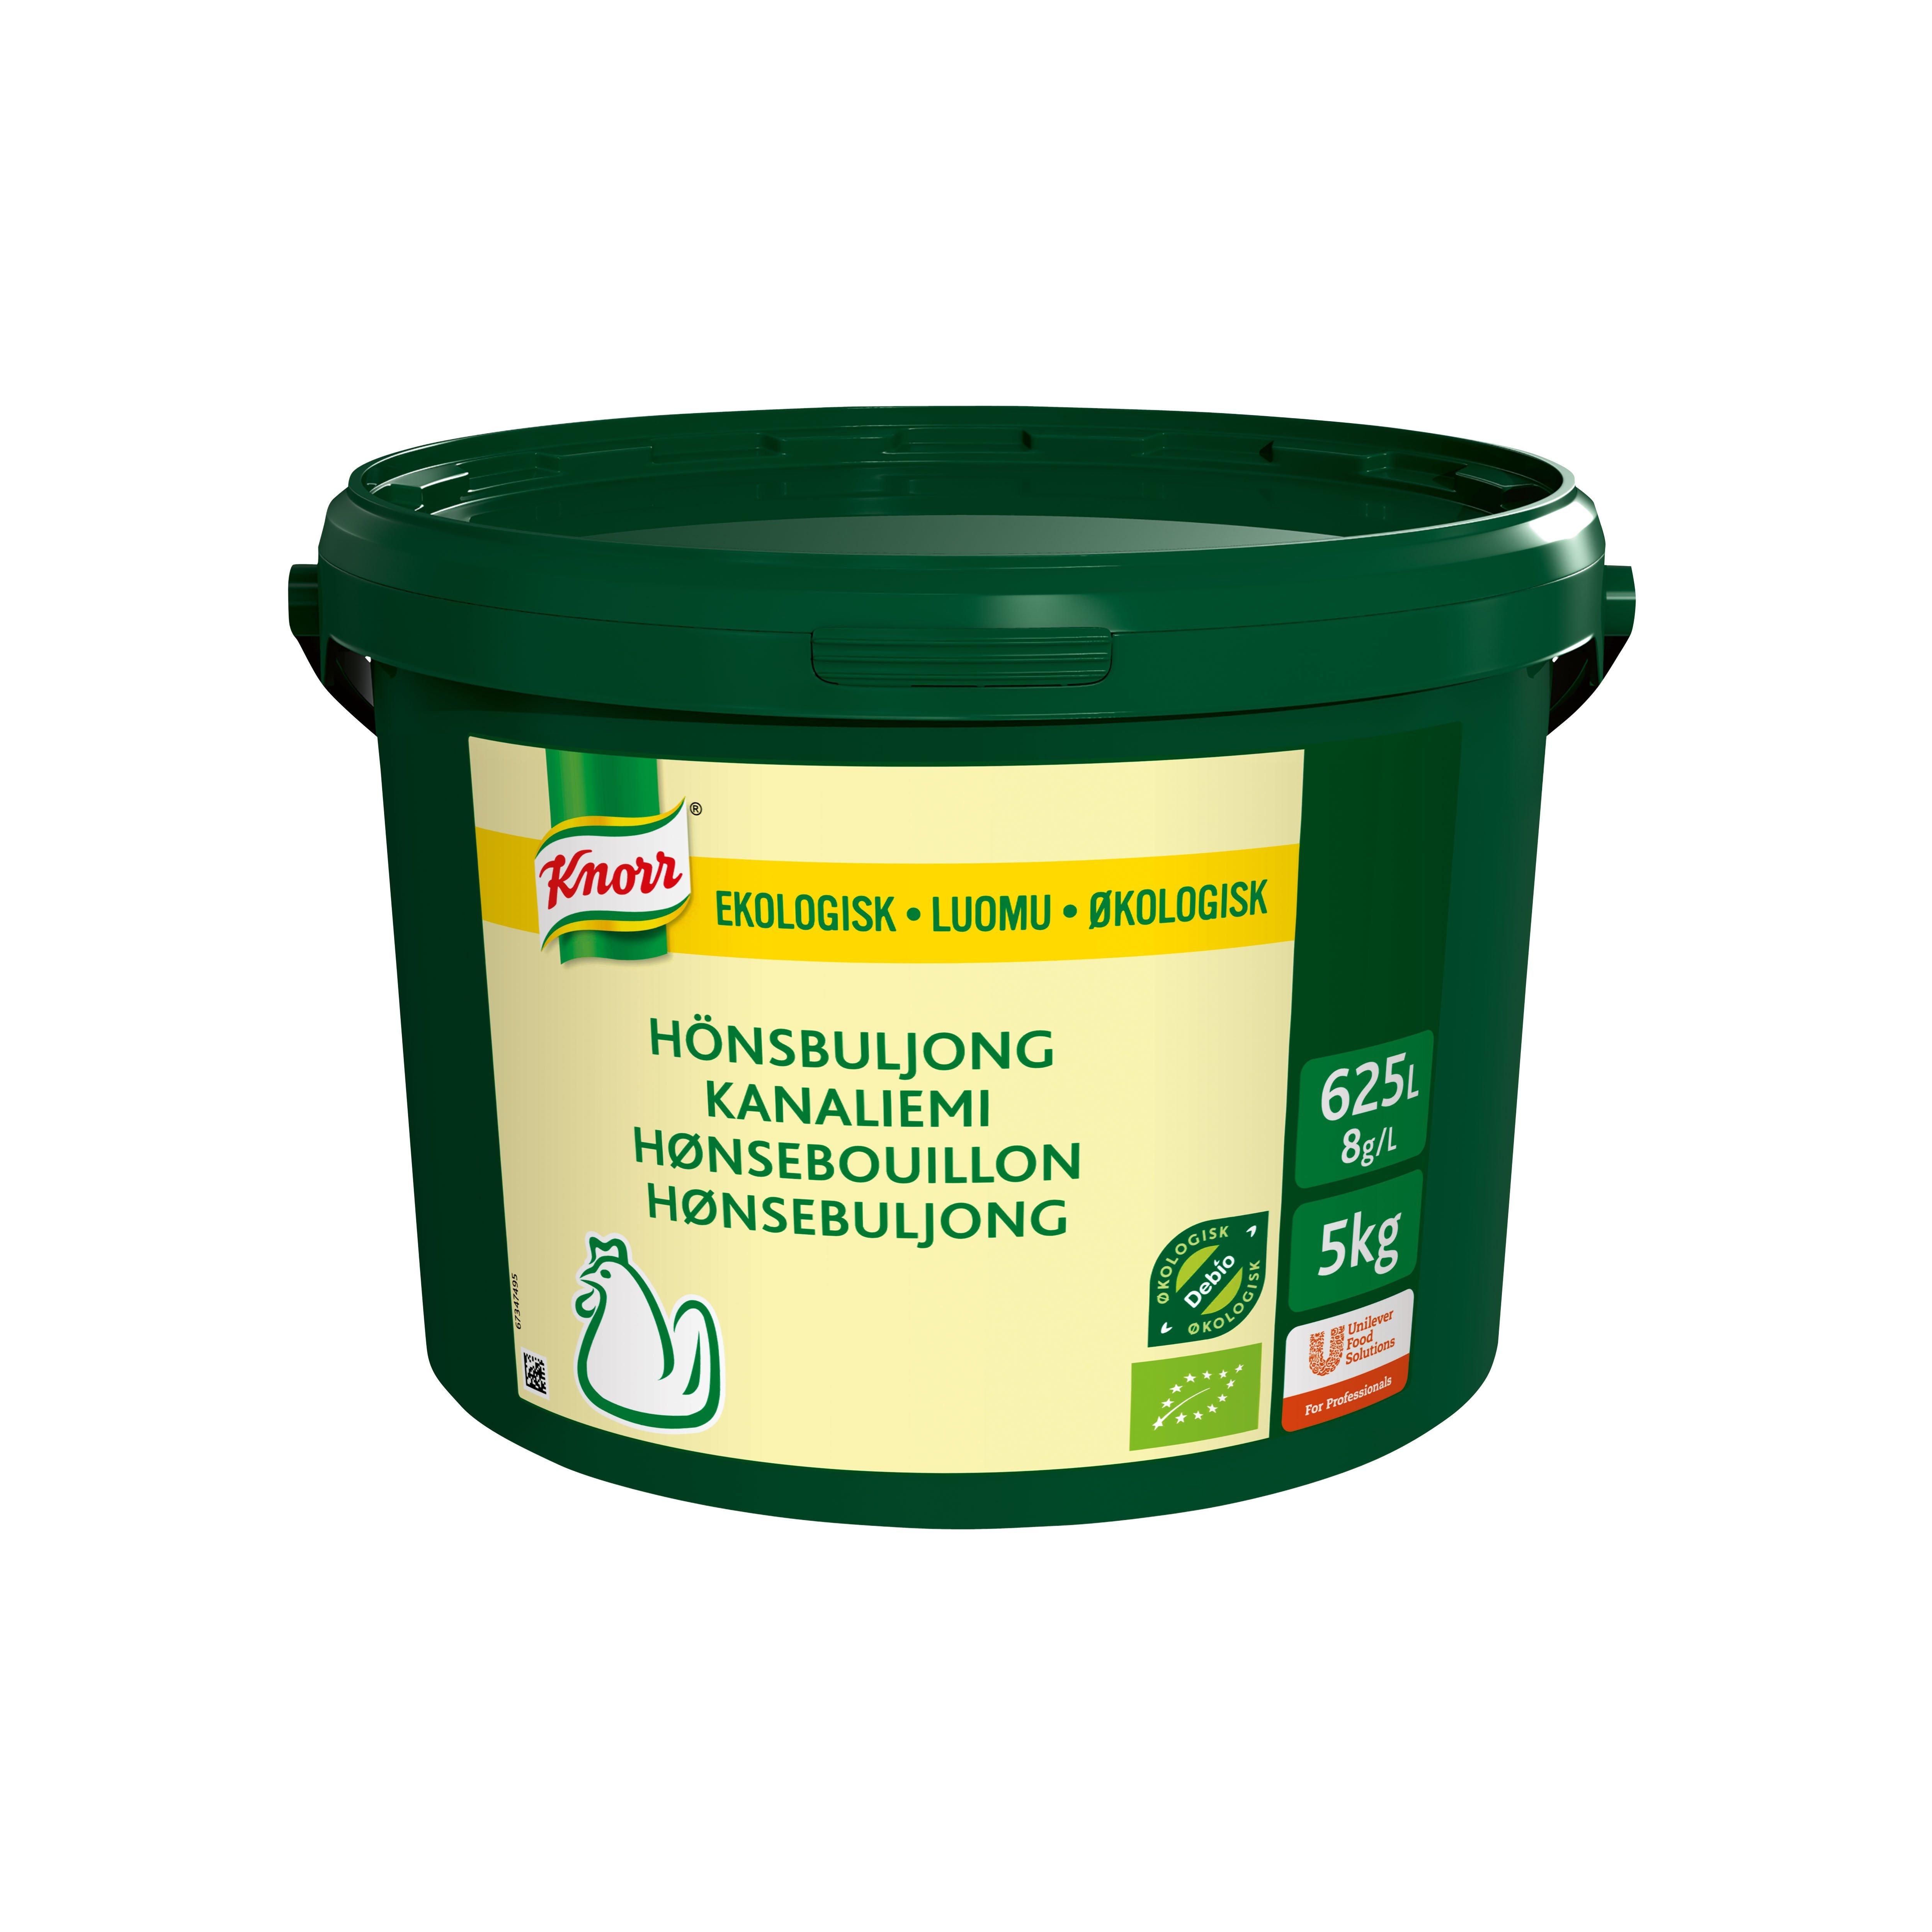 Knorr Økologisk Hønsebouillon, lavsalt, granulat, 5kg / 625 L